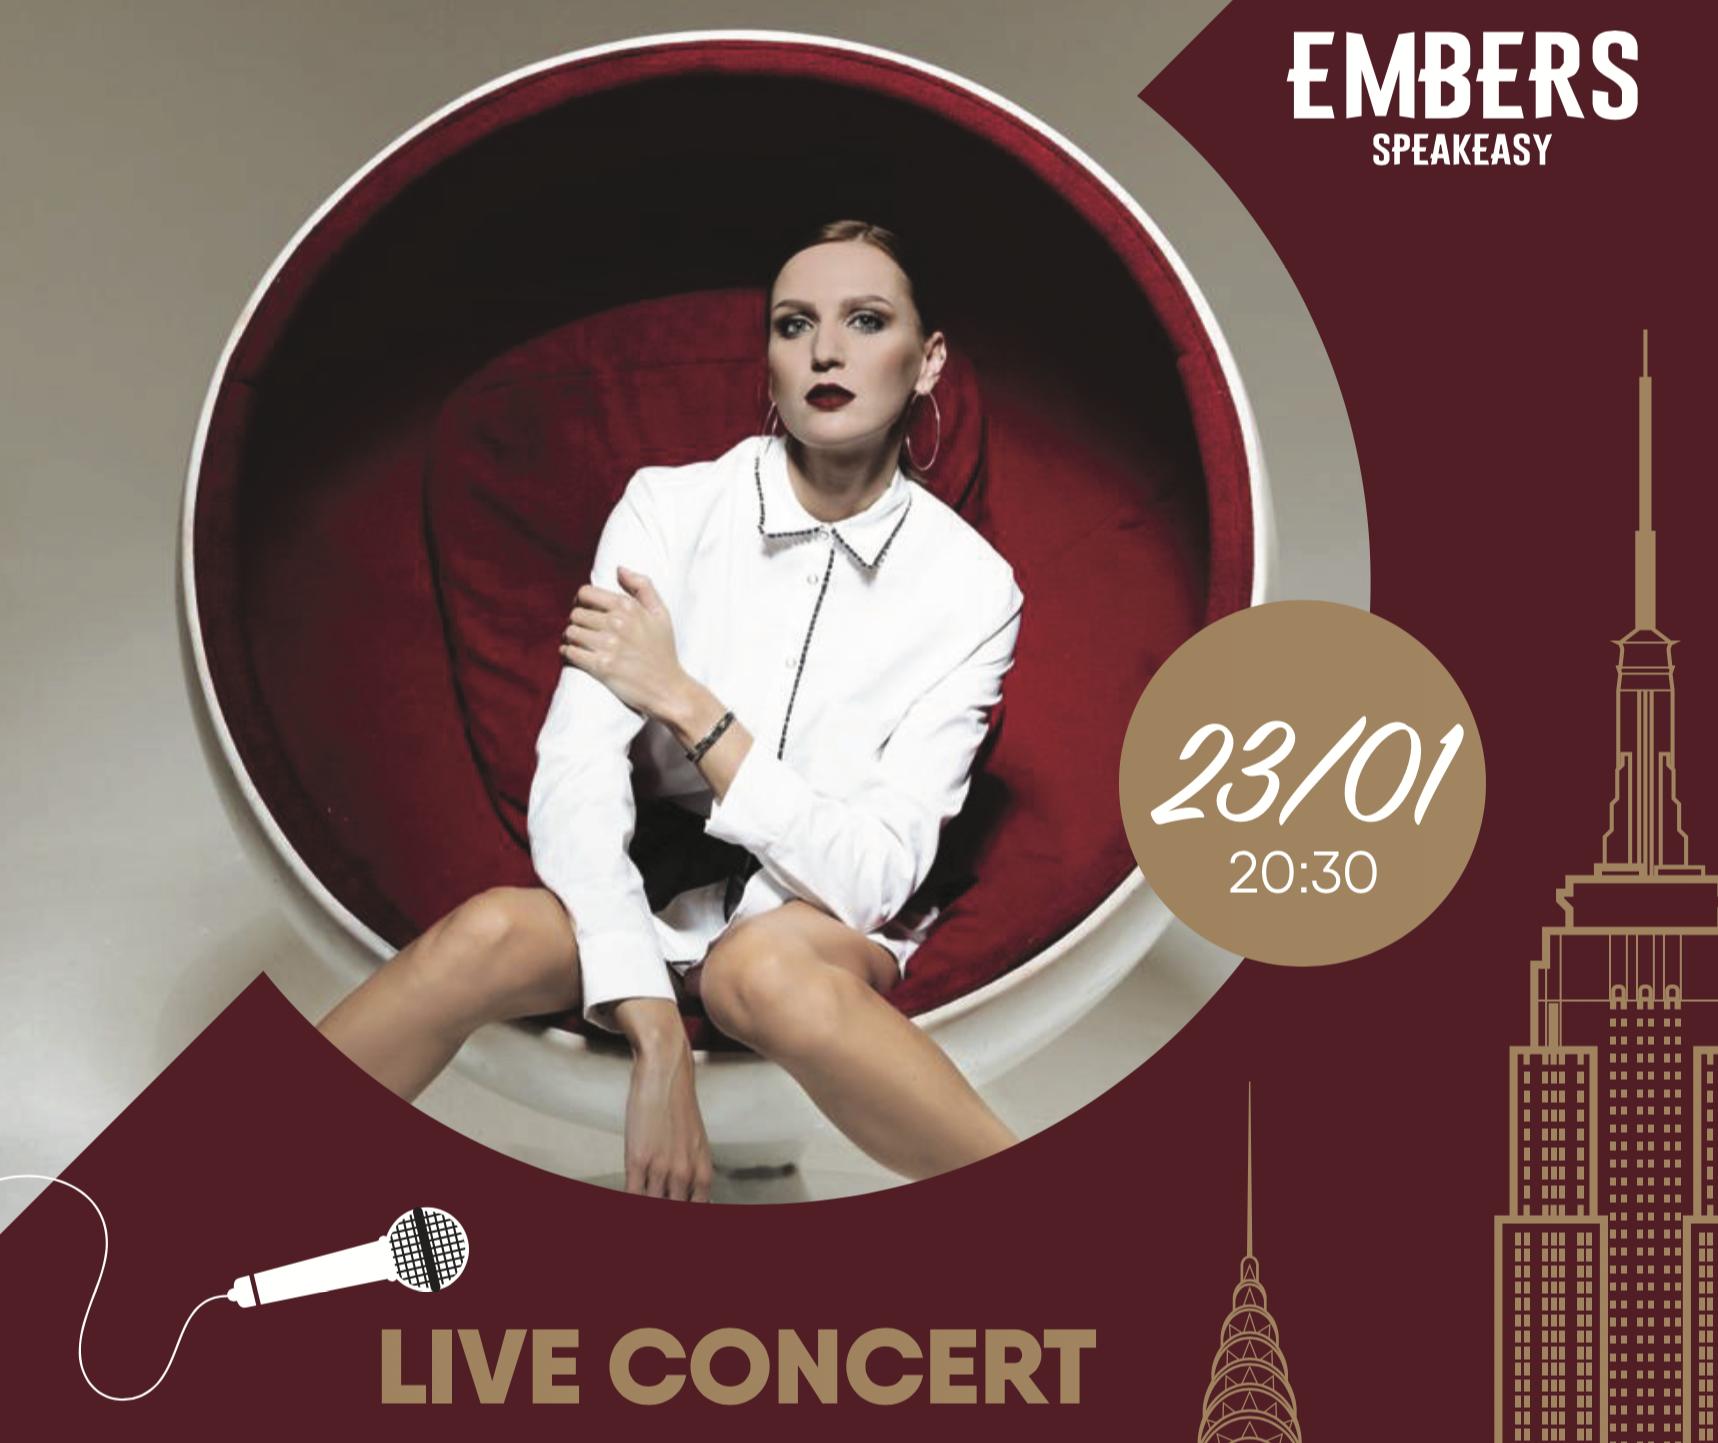 Афиша! Музыкальный исполнитель Соня Кумина 23 января в Embers Speakeasy